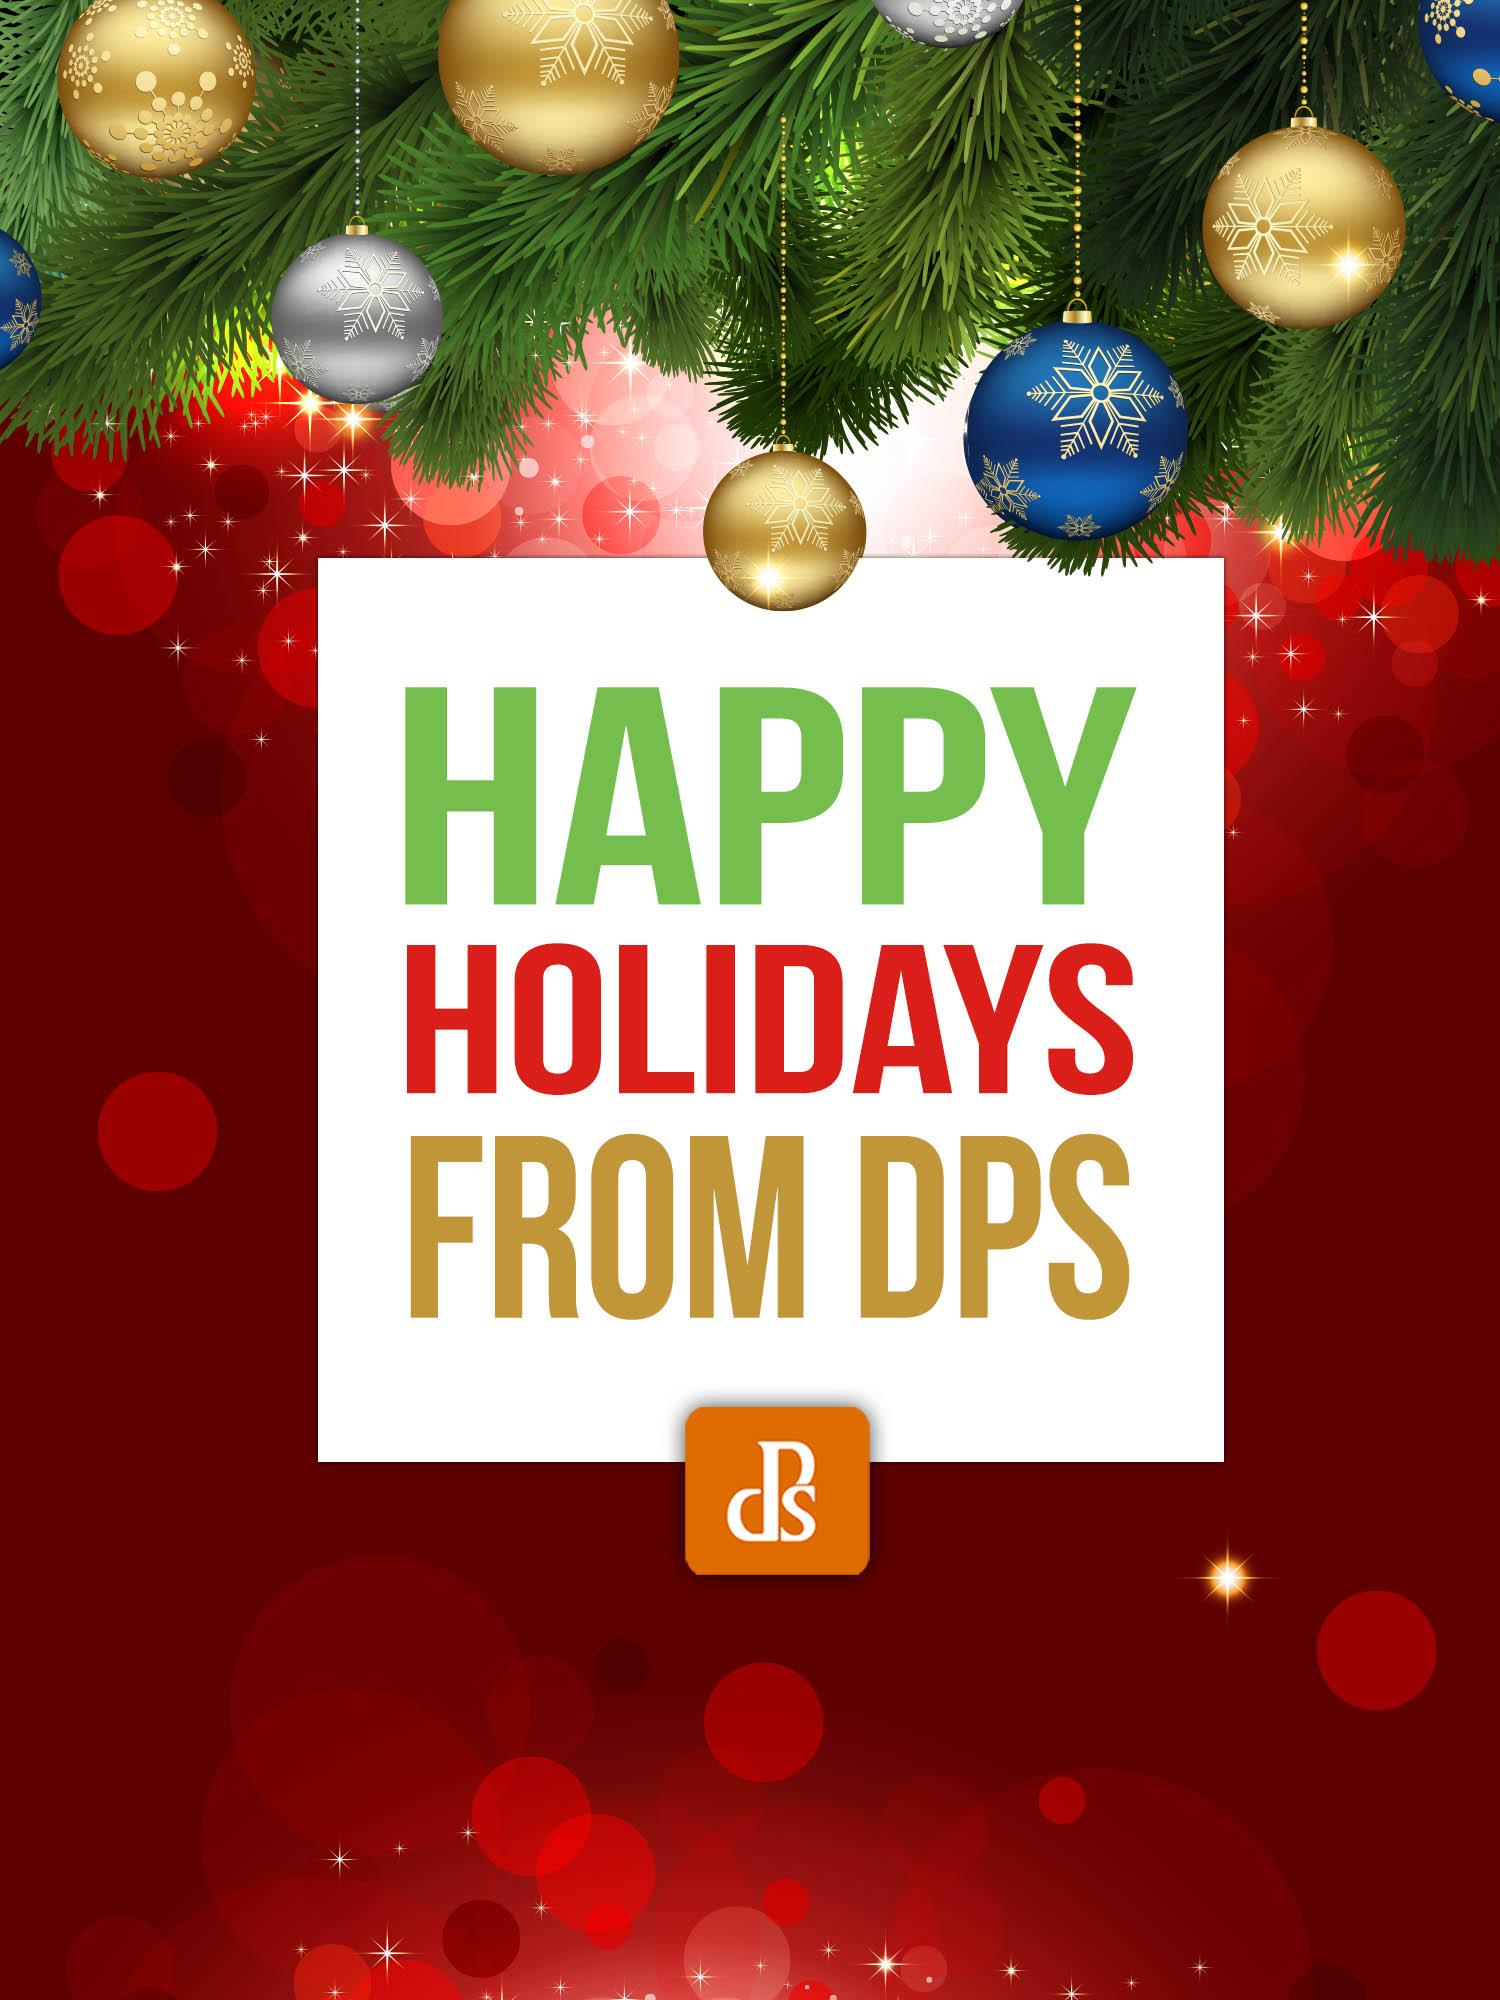 Boas festas da dPS